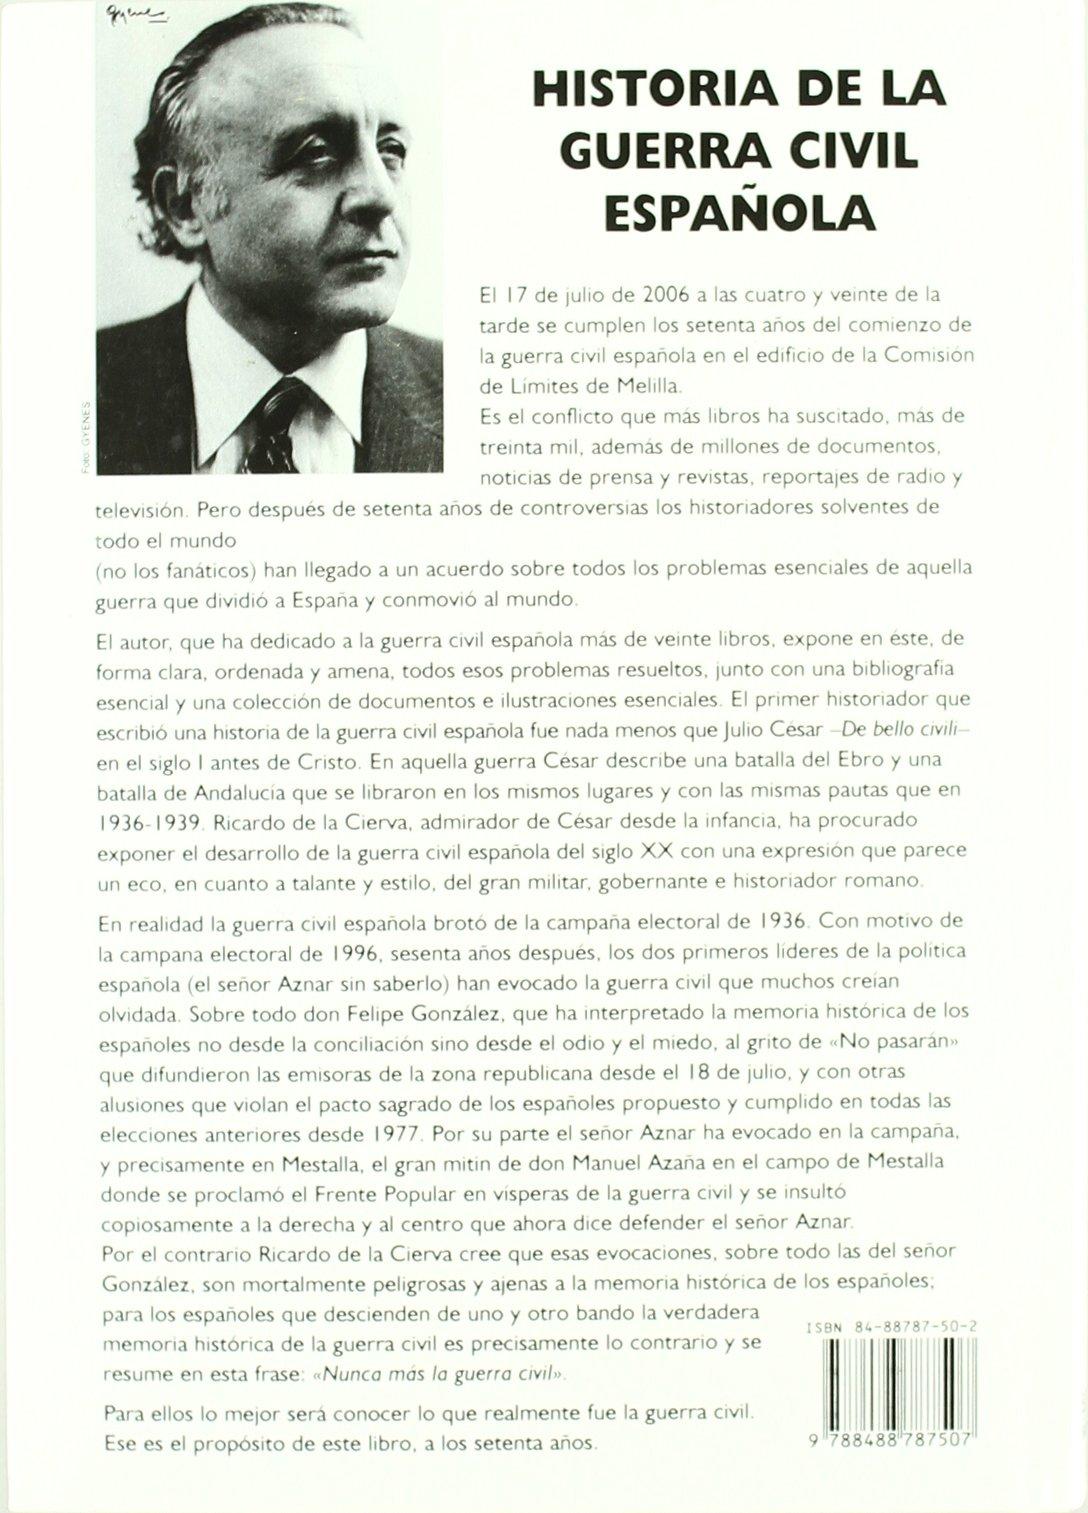 Historia de la guerra civil española: Amazon.es: Cierva, Ricardo de la: Libros